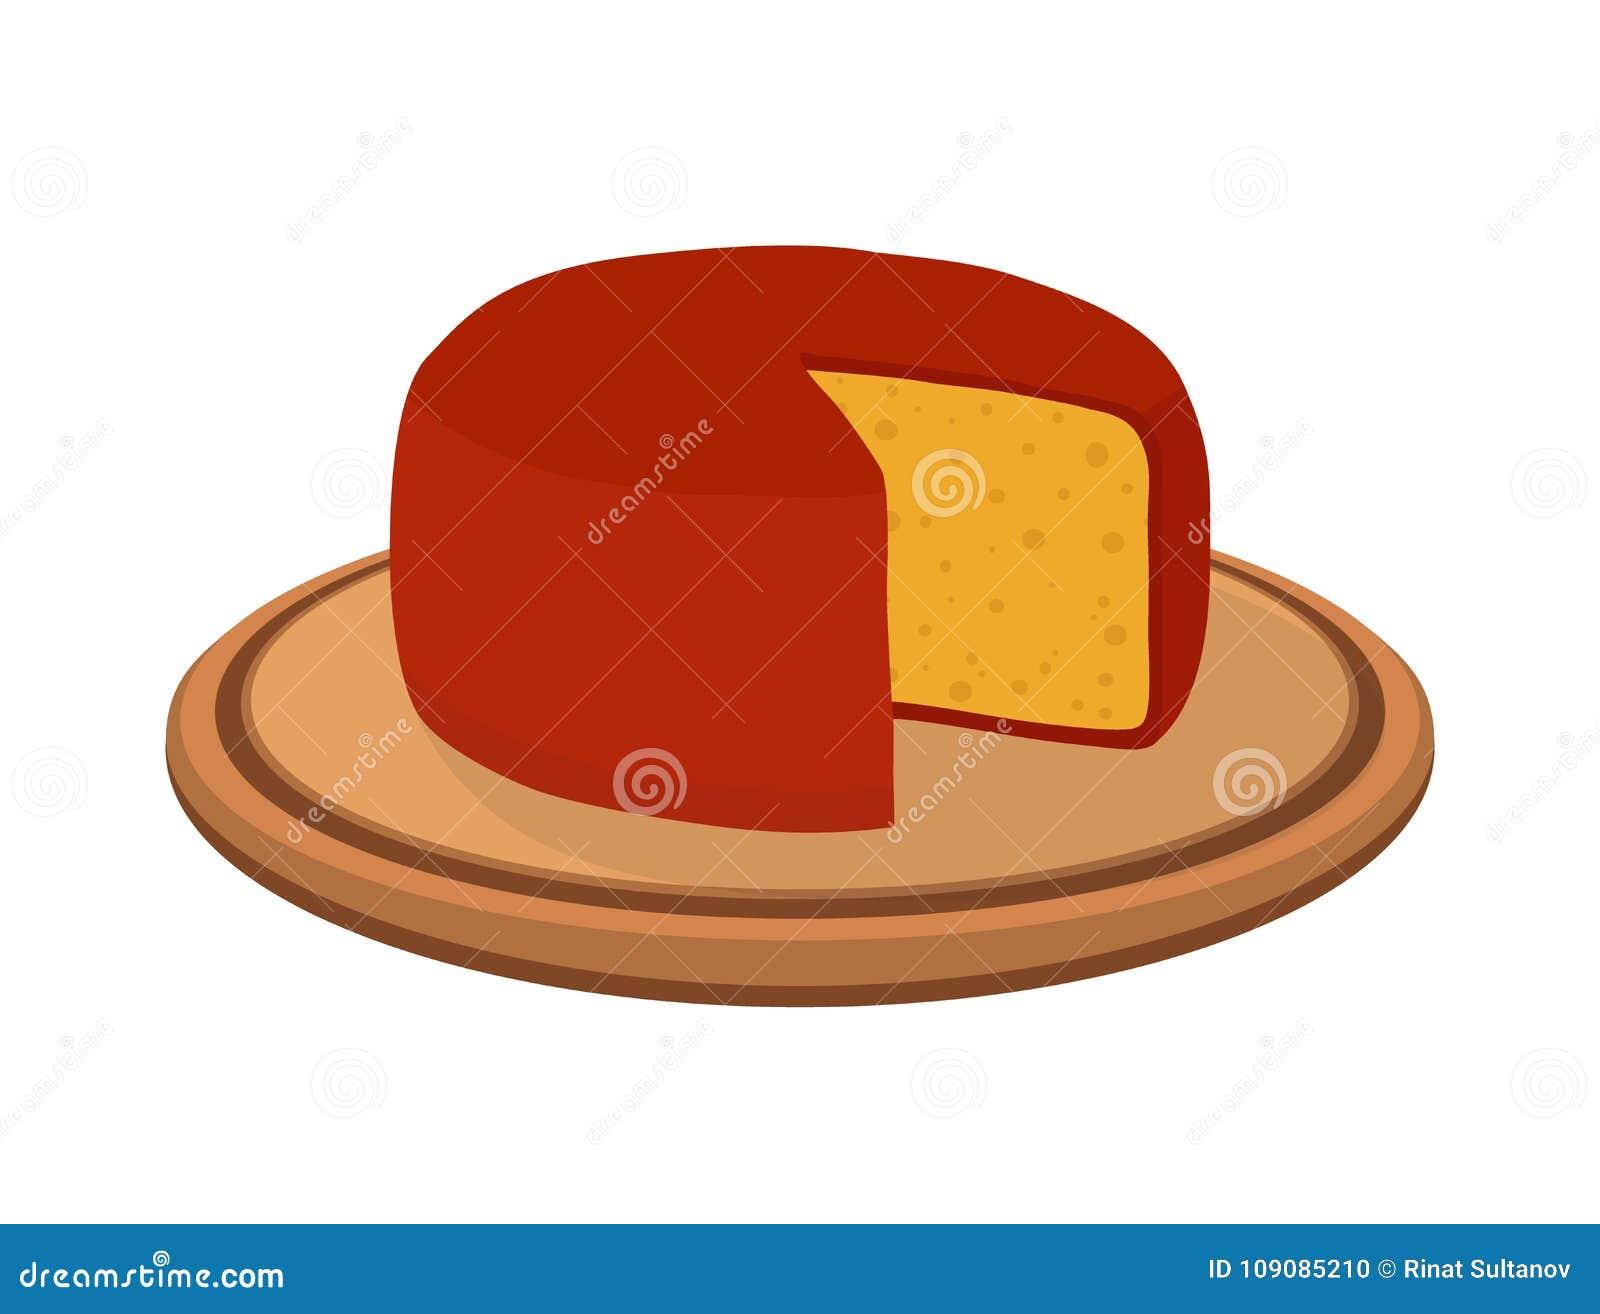 Wektorowy gouda ser na talerzu Plasterek, kawał na drewnianej tacy Kreskówki mieszkania styl